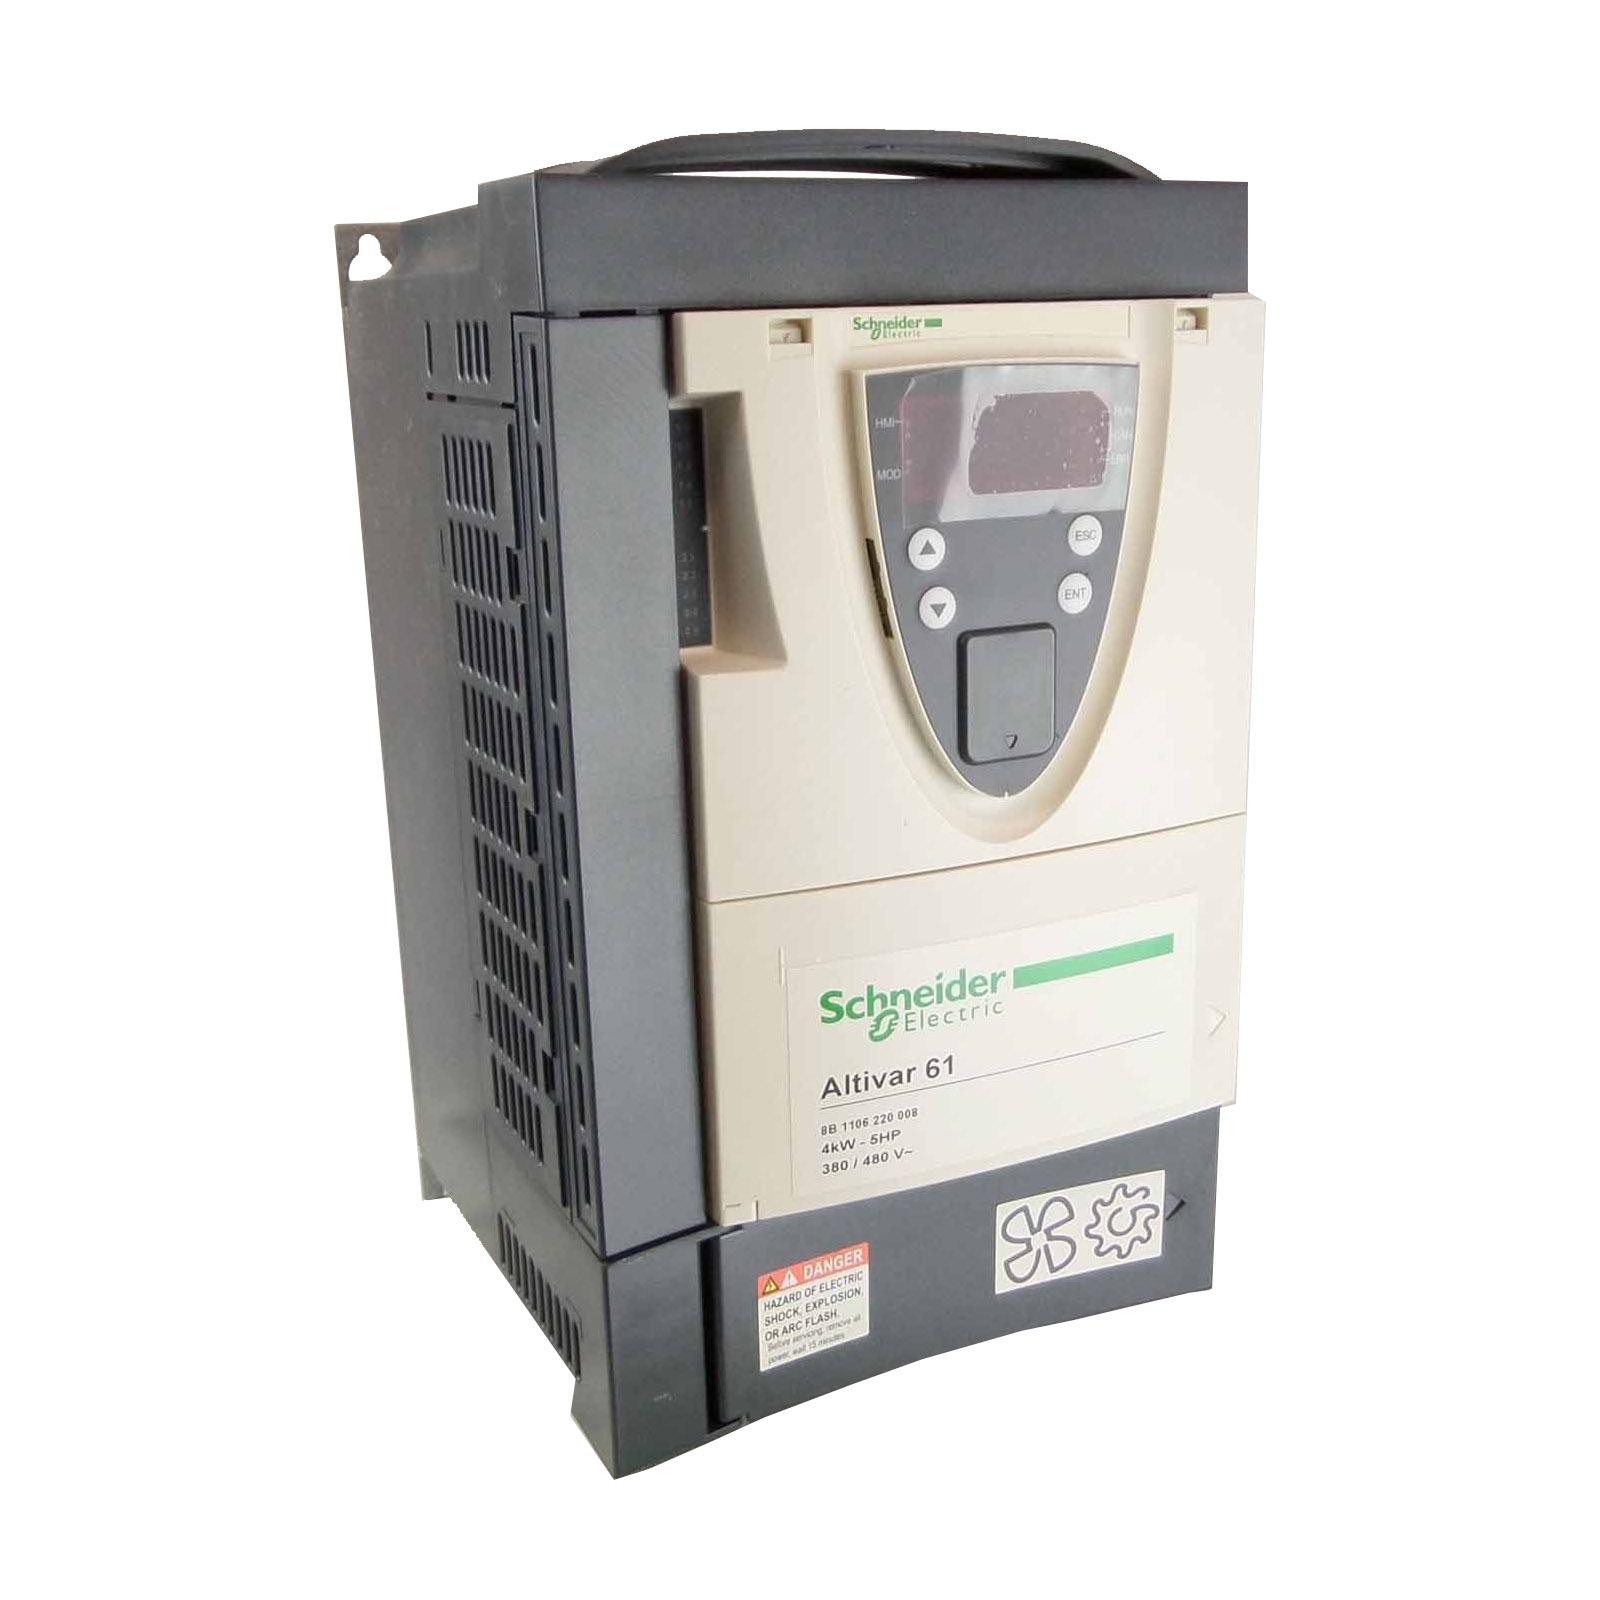 SCHNEIDER-Altivar 61 5CV 380V 7.6A